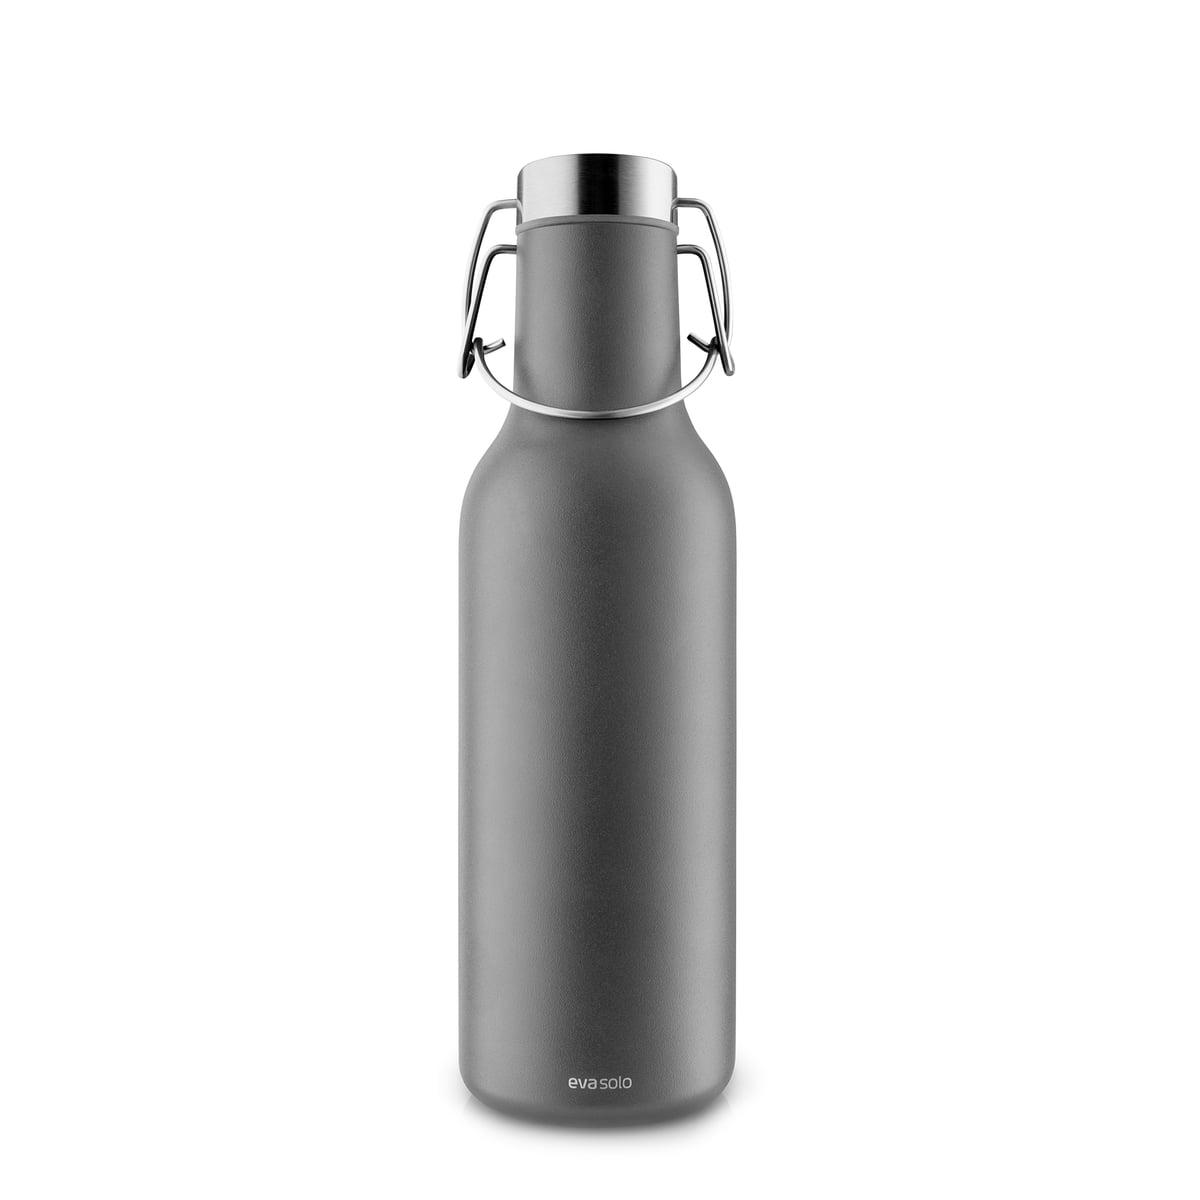 Eva Solo - Cool Isolierflasche 0,7 l, dunkelgrau | Küche und Esszimmer > Besteck und Geschirr > Kannen und Wasserkessel | Dunkelgrau | Stahl pulverbeschichtet -  silikon | Eva Solo